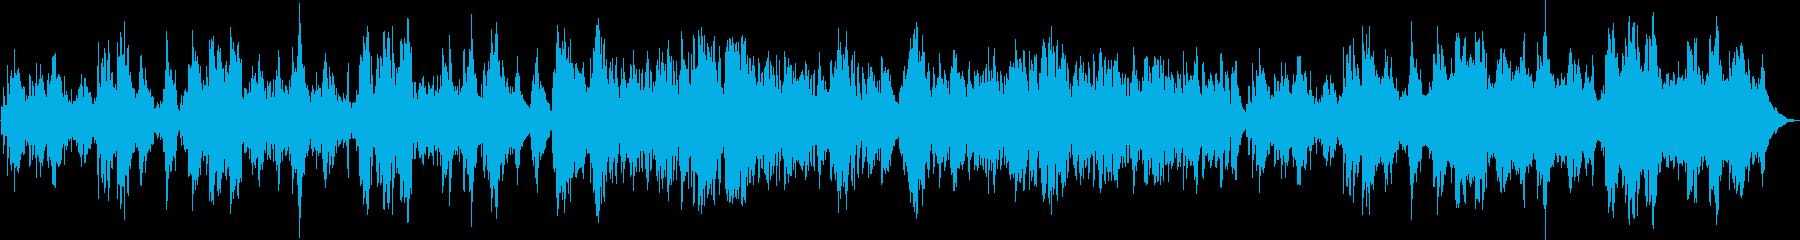 サラサラ ジャズ ラテン ワールド...の再生済みの波形